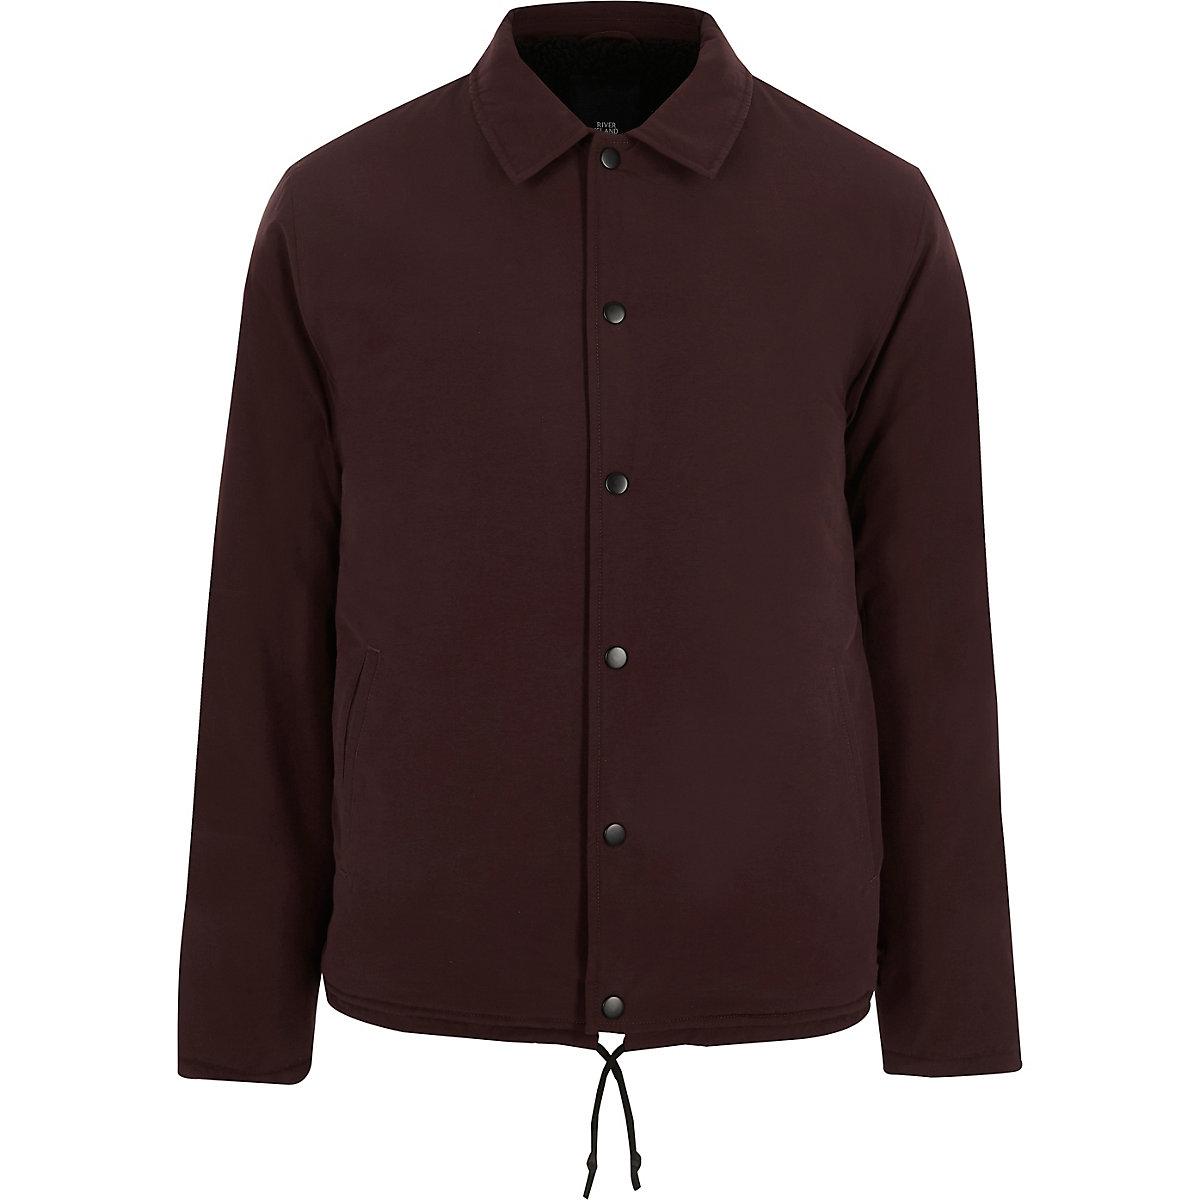 Burgundy fleece lined coach jacket